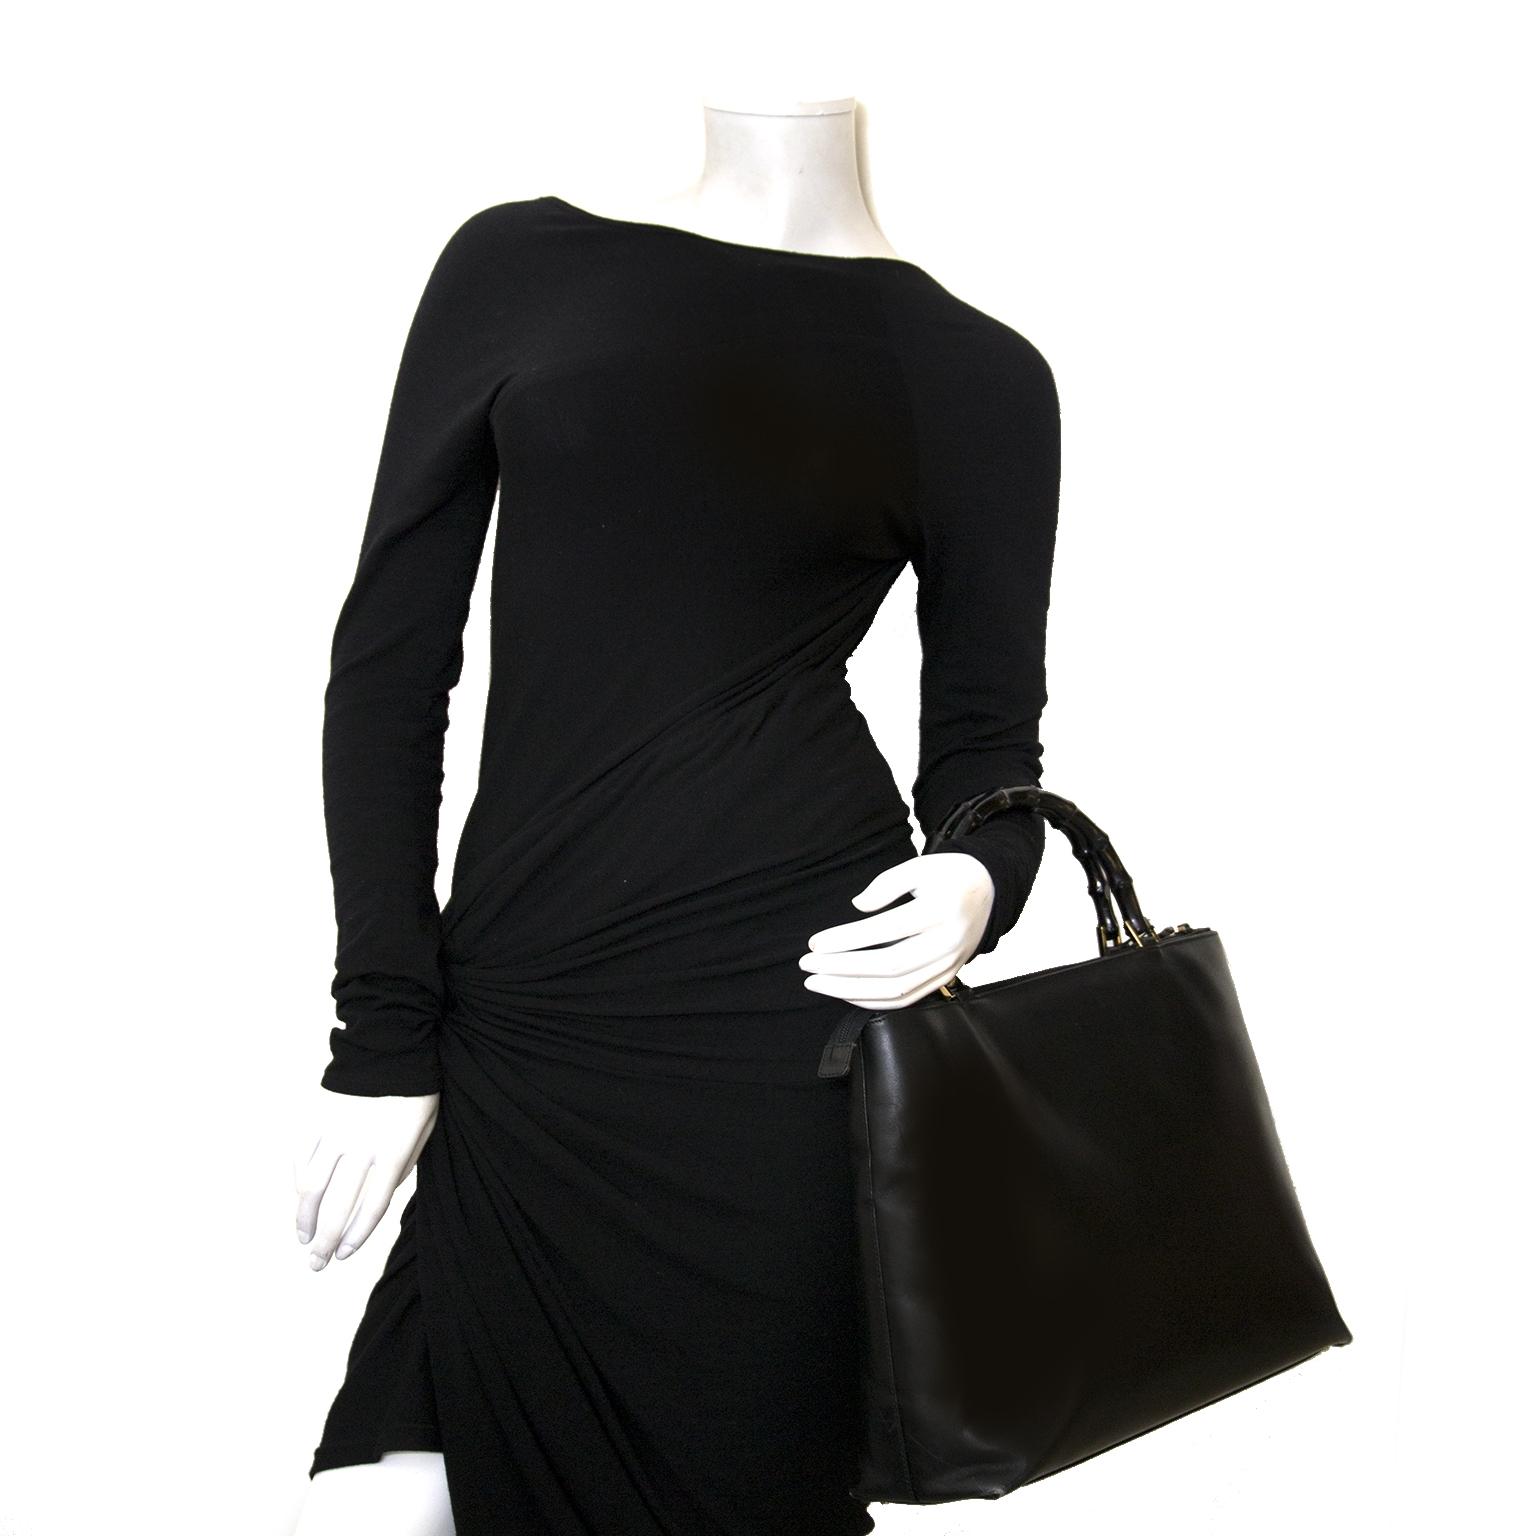 ... gucci zwarte bamboo tas nu te koop bij labellov vintage mode webshop  belgië d6676e55e1a9